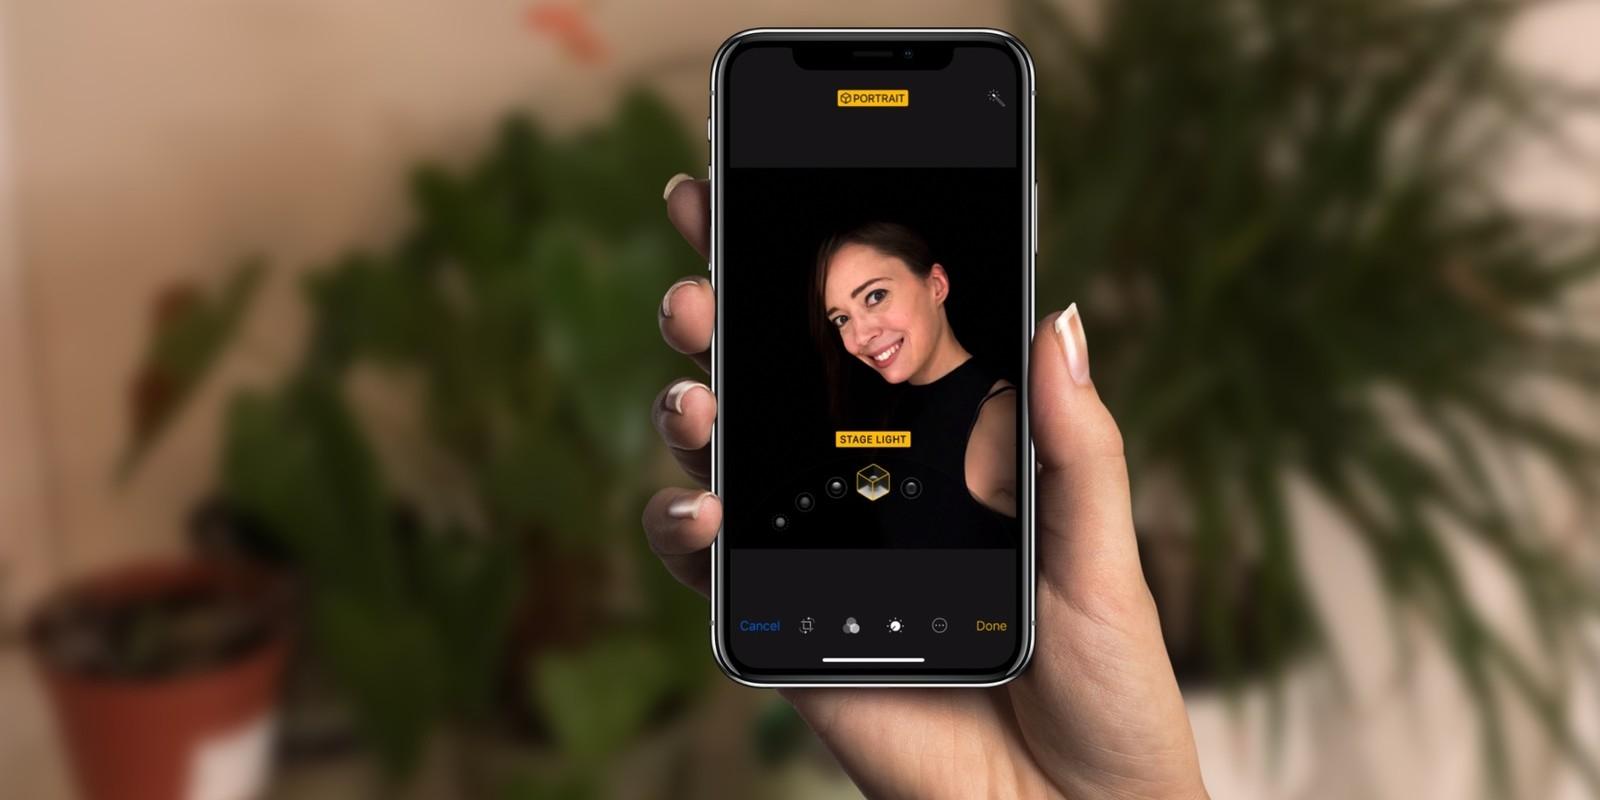 добавление фона на фото с телефона решили купить